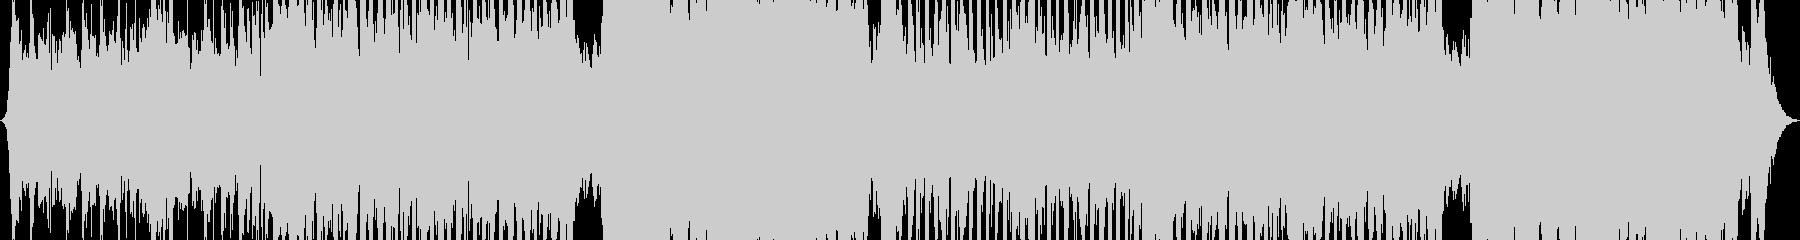 スタイリッシュなウエスタンロックンロールの未再生の波形